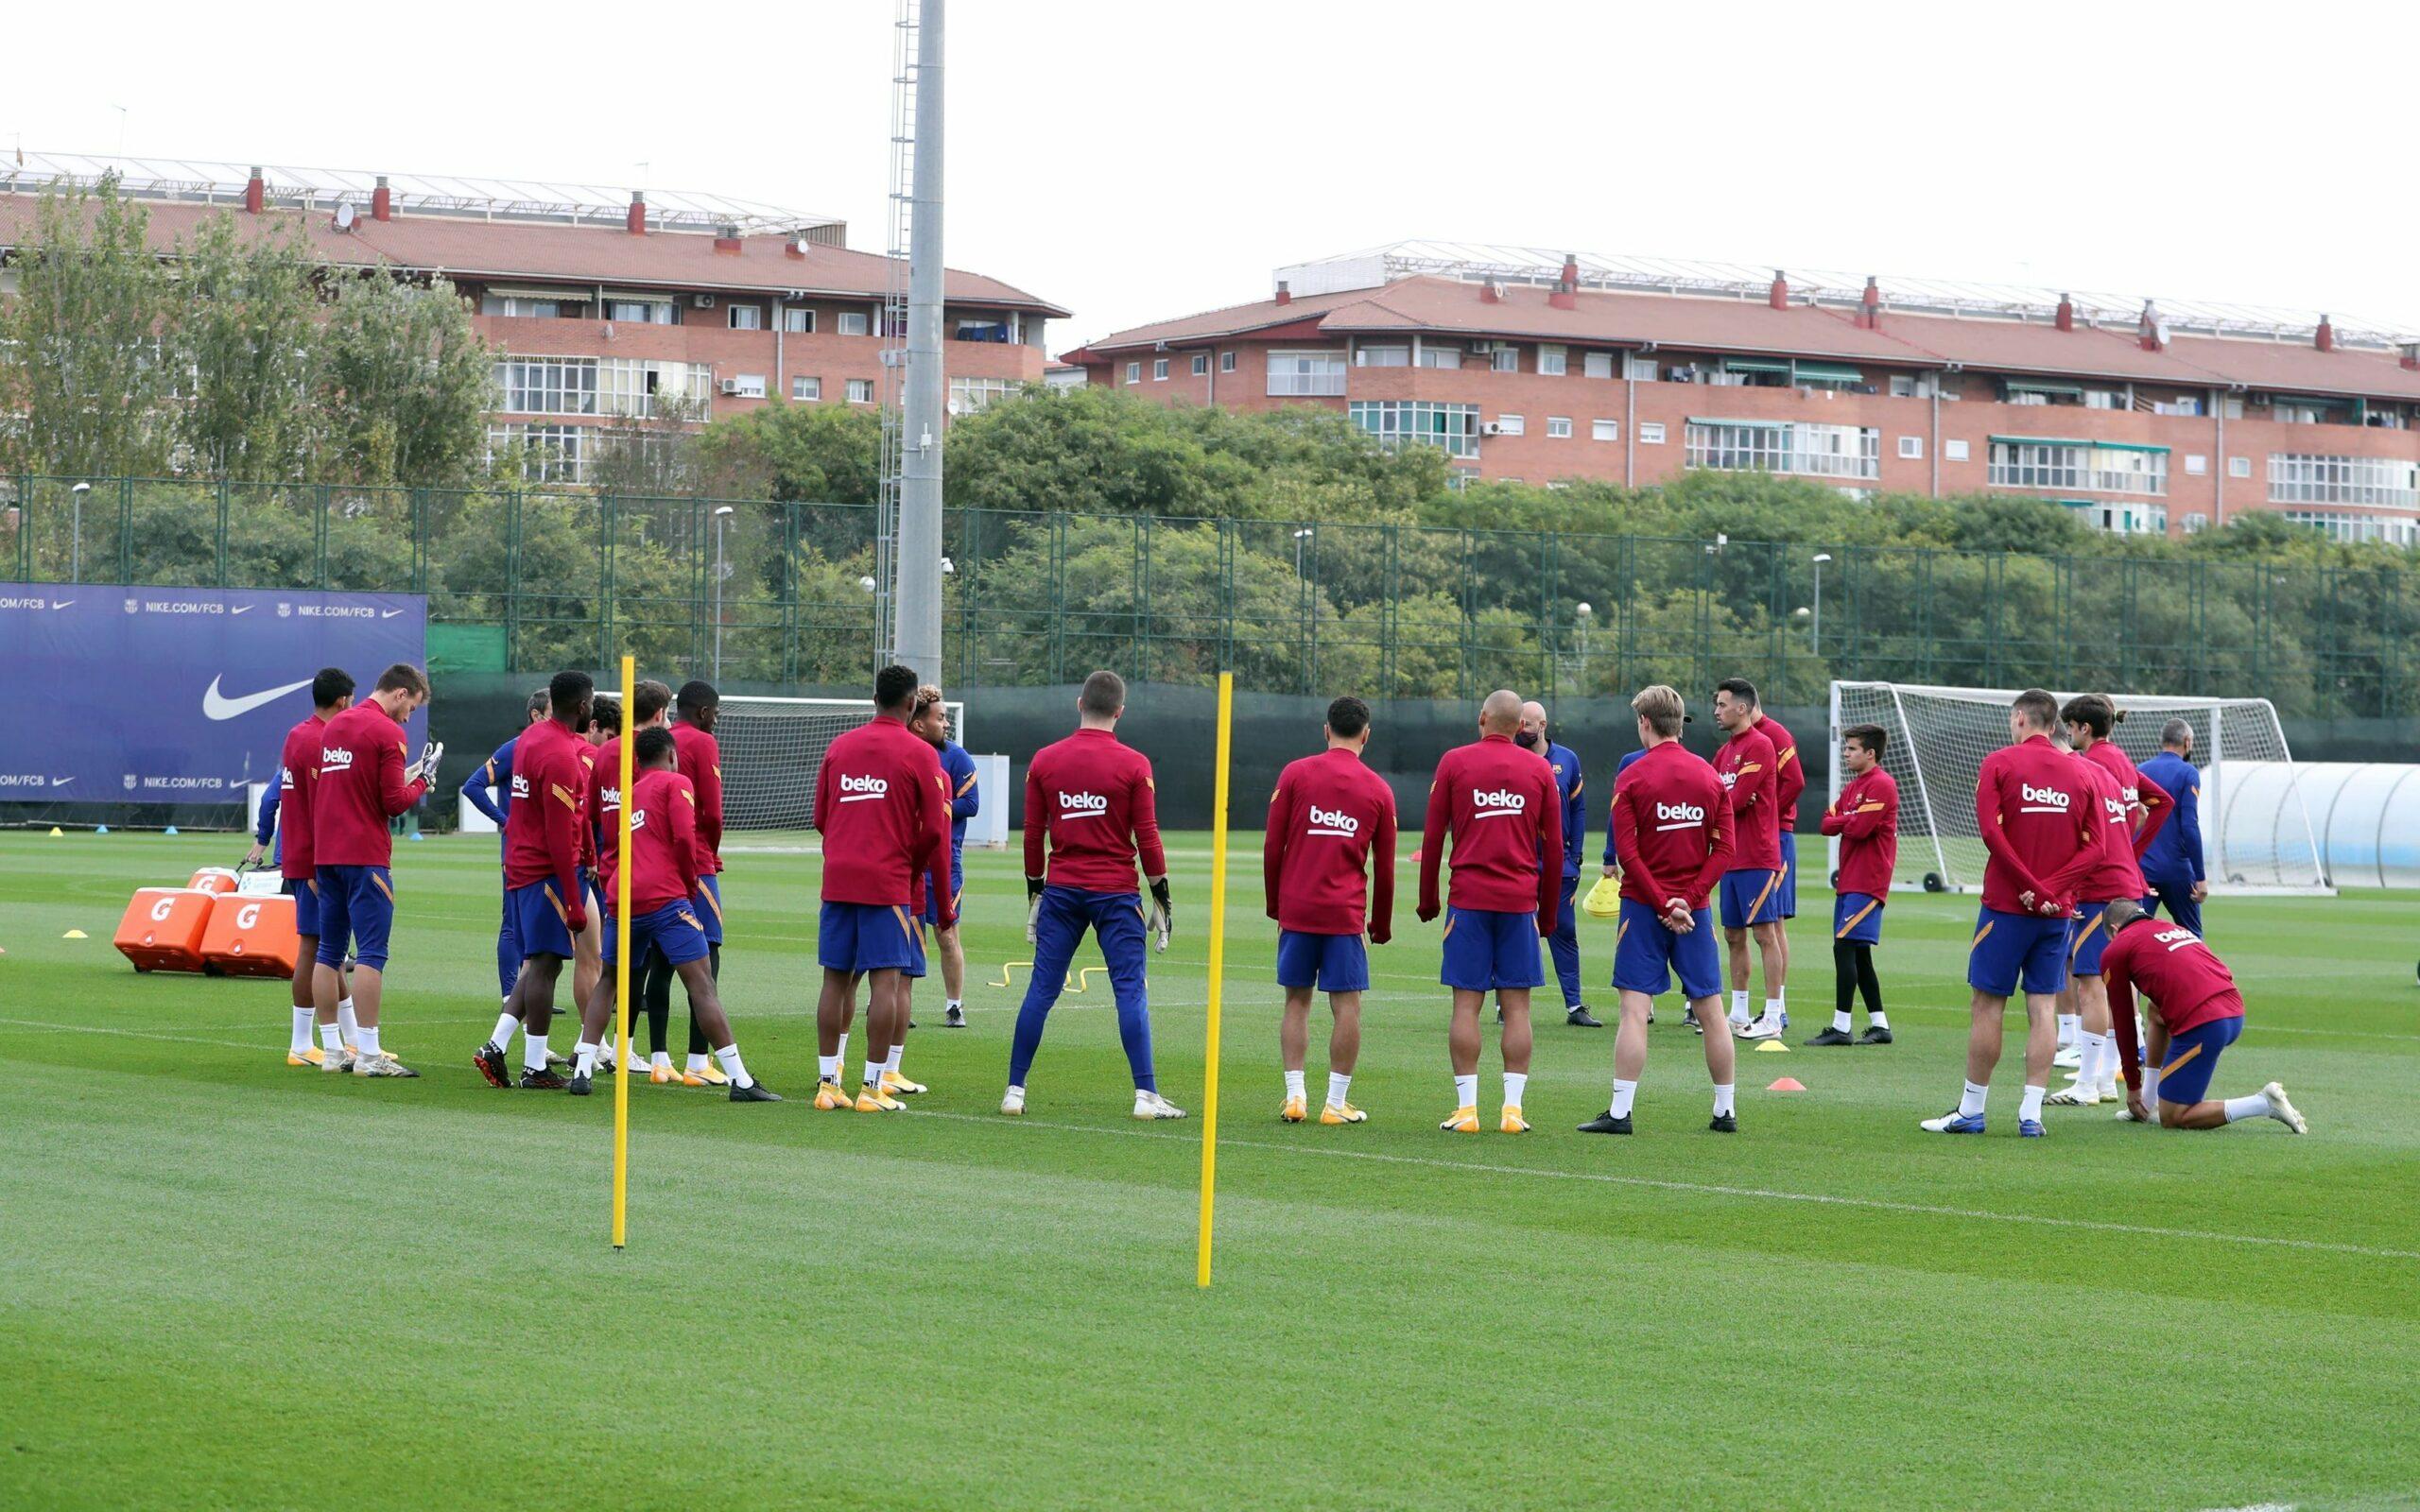 Els jugadors del Barça, en l'entrenament previ a un partit | FC Barcelona